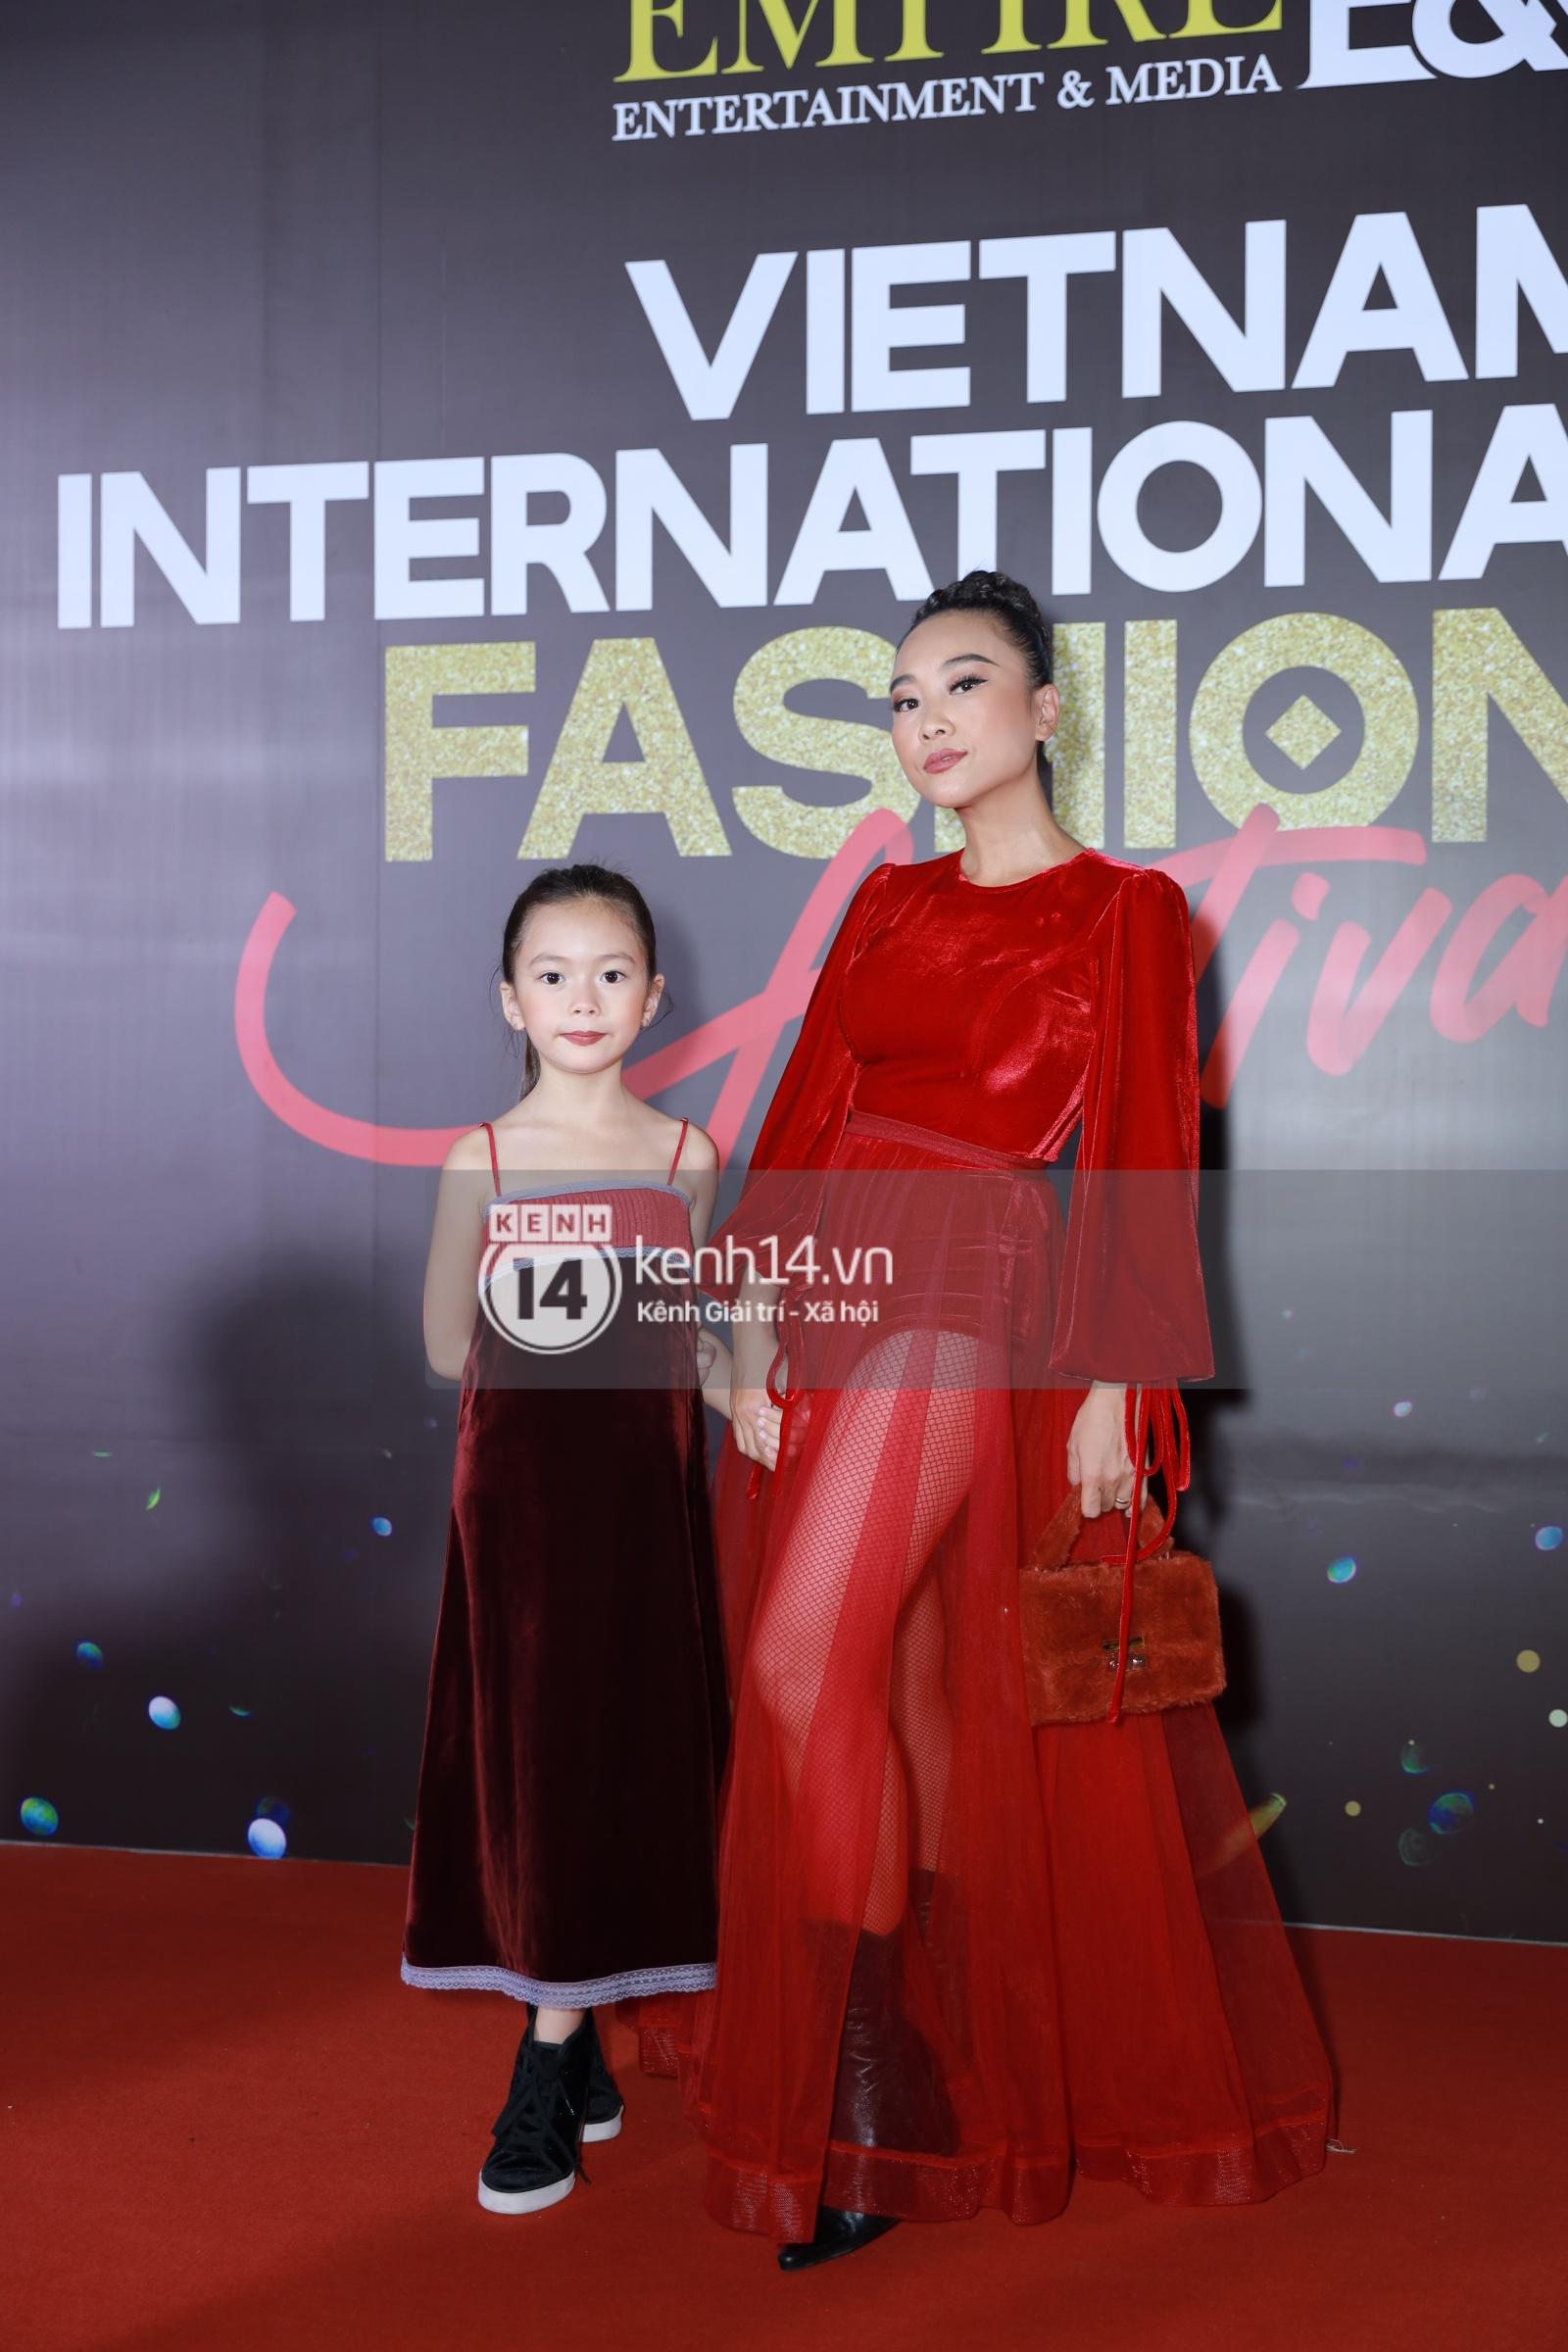 Thảm đỏ VIFF ngày 2: Lãnh Thanh - Trọng Hiếu Idol nổi bật, người mẫu Anh Thư gây thất vọng tràn trề vì set đồ sai sai - Ảnh 5.